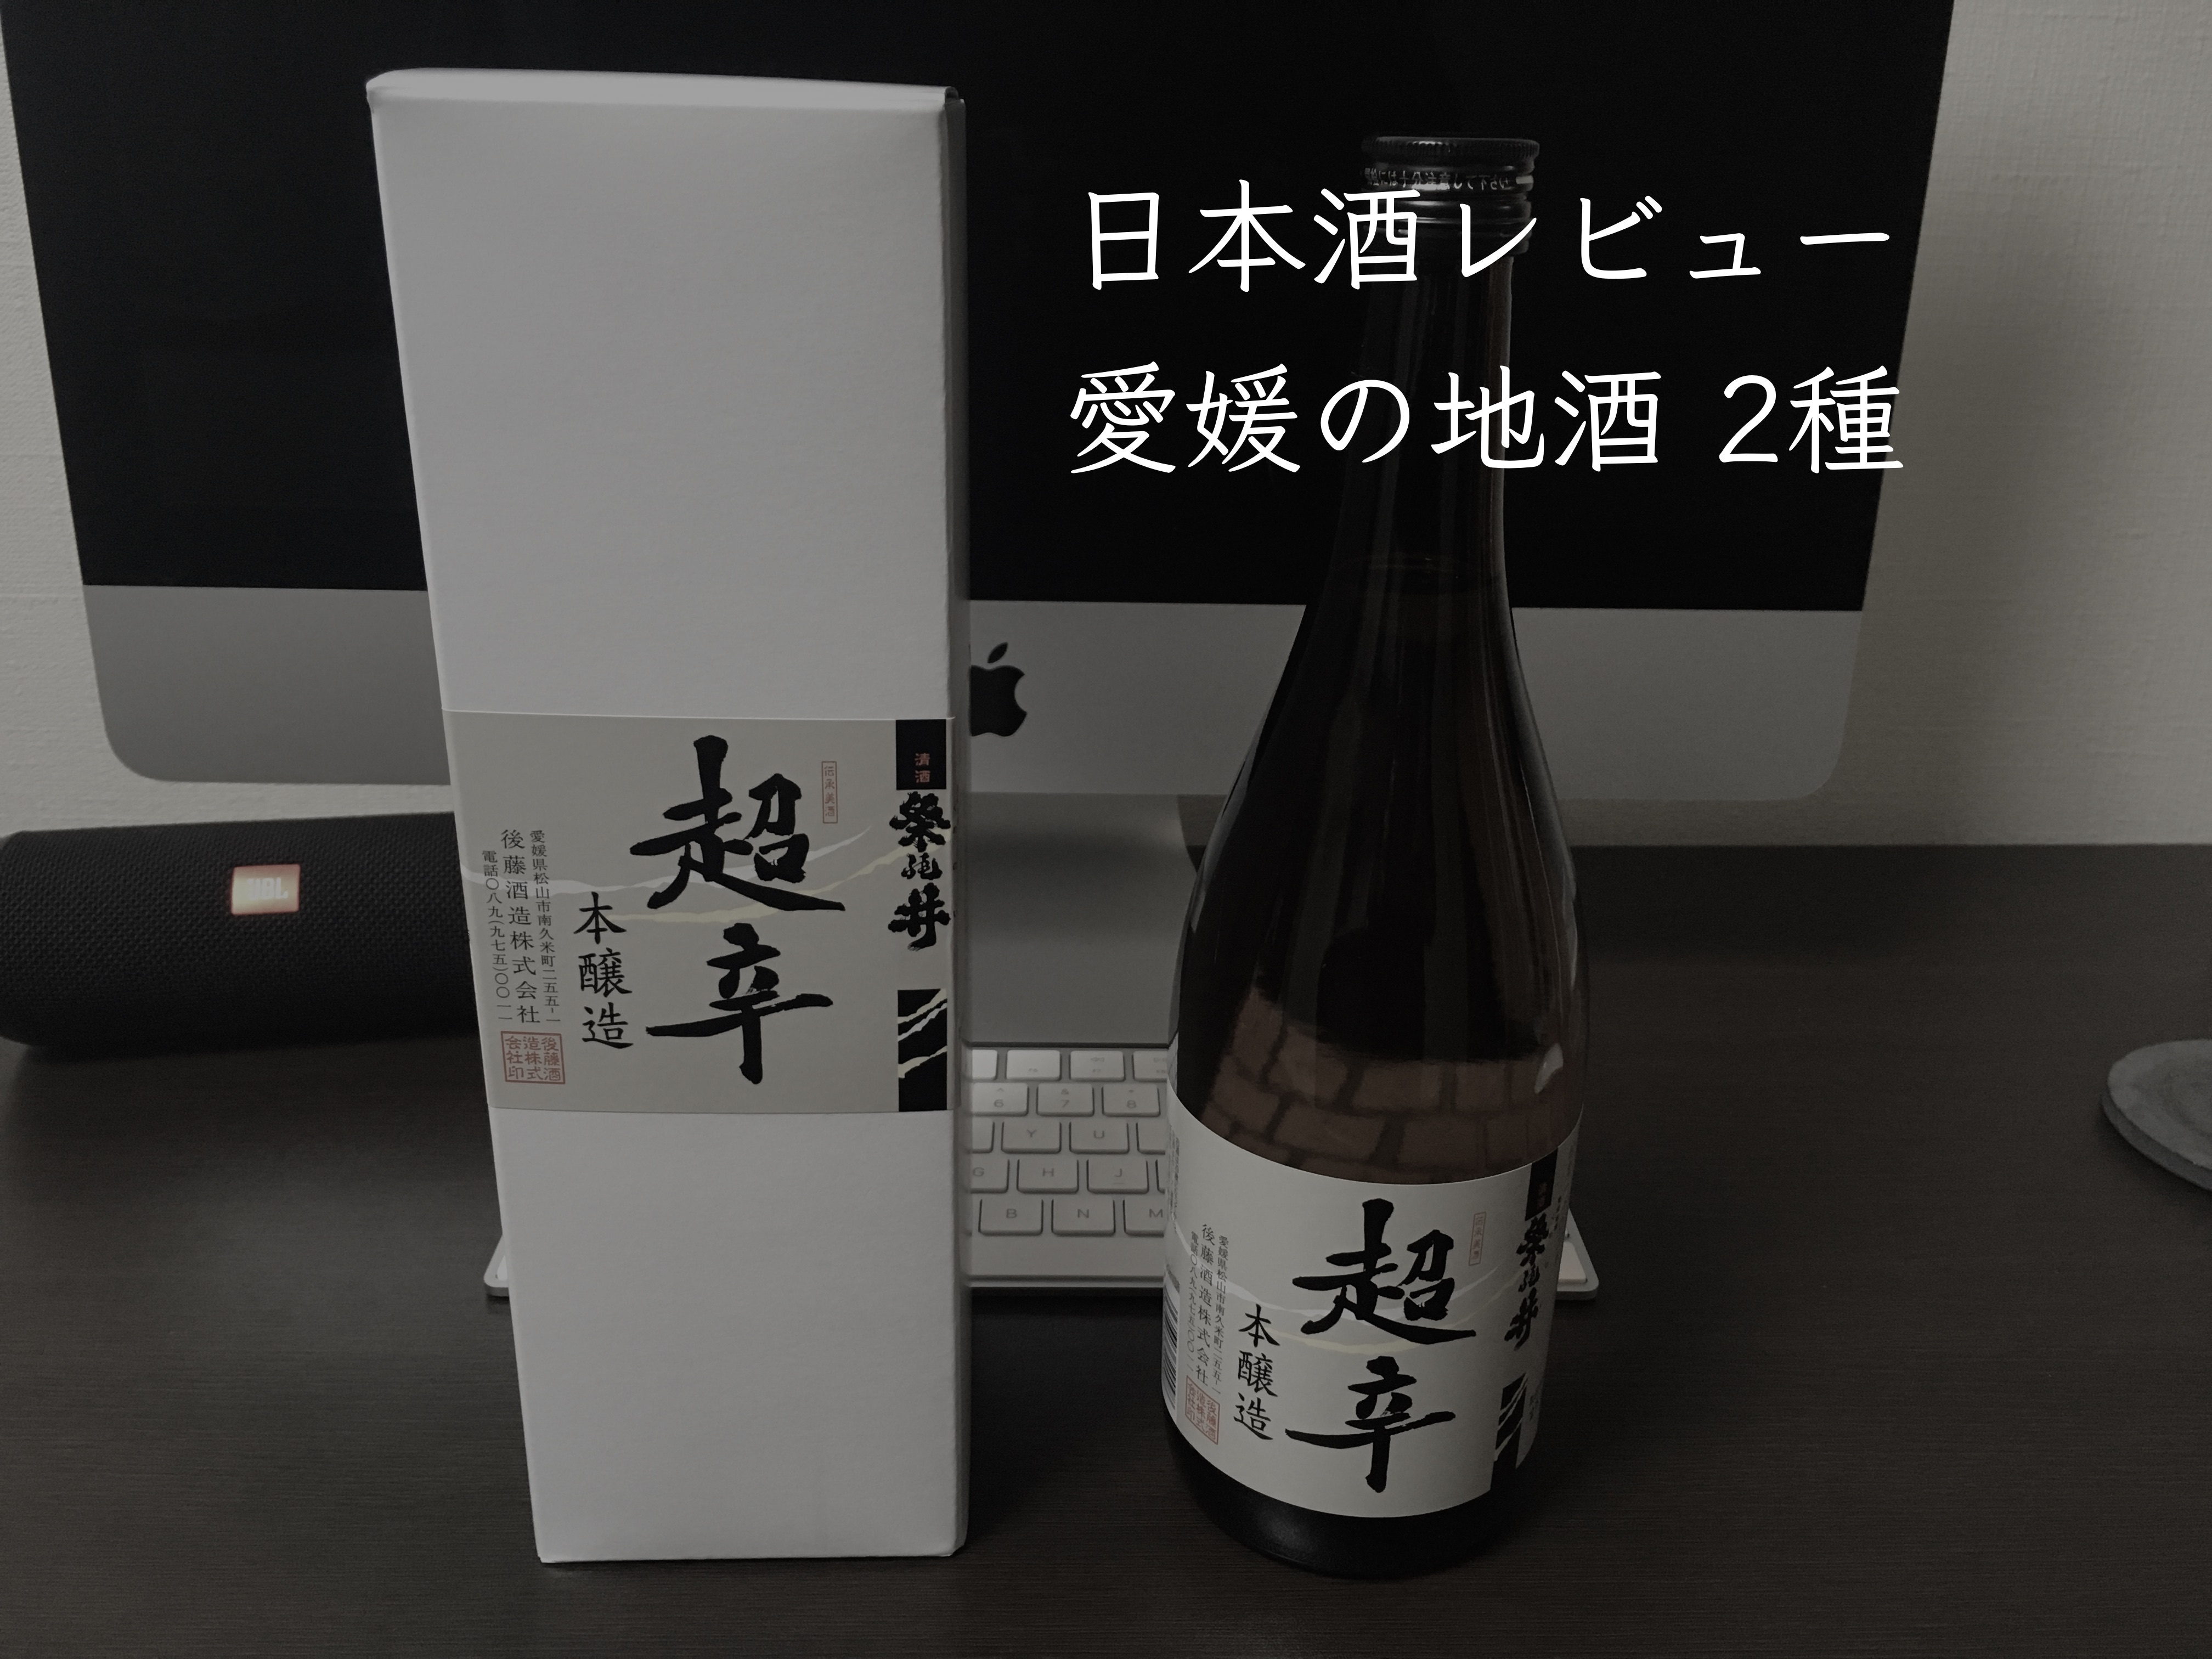 愛媛の酒2種レビュー